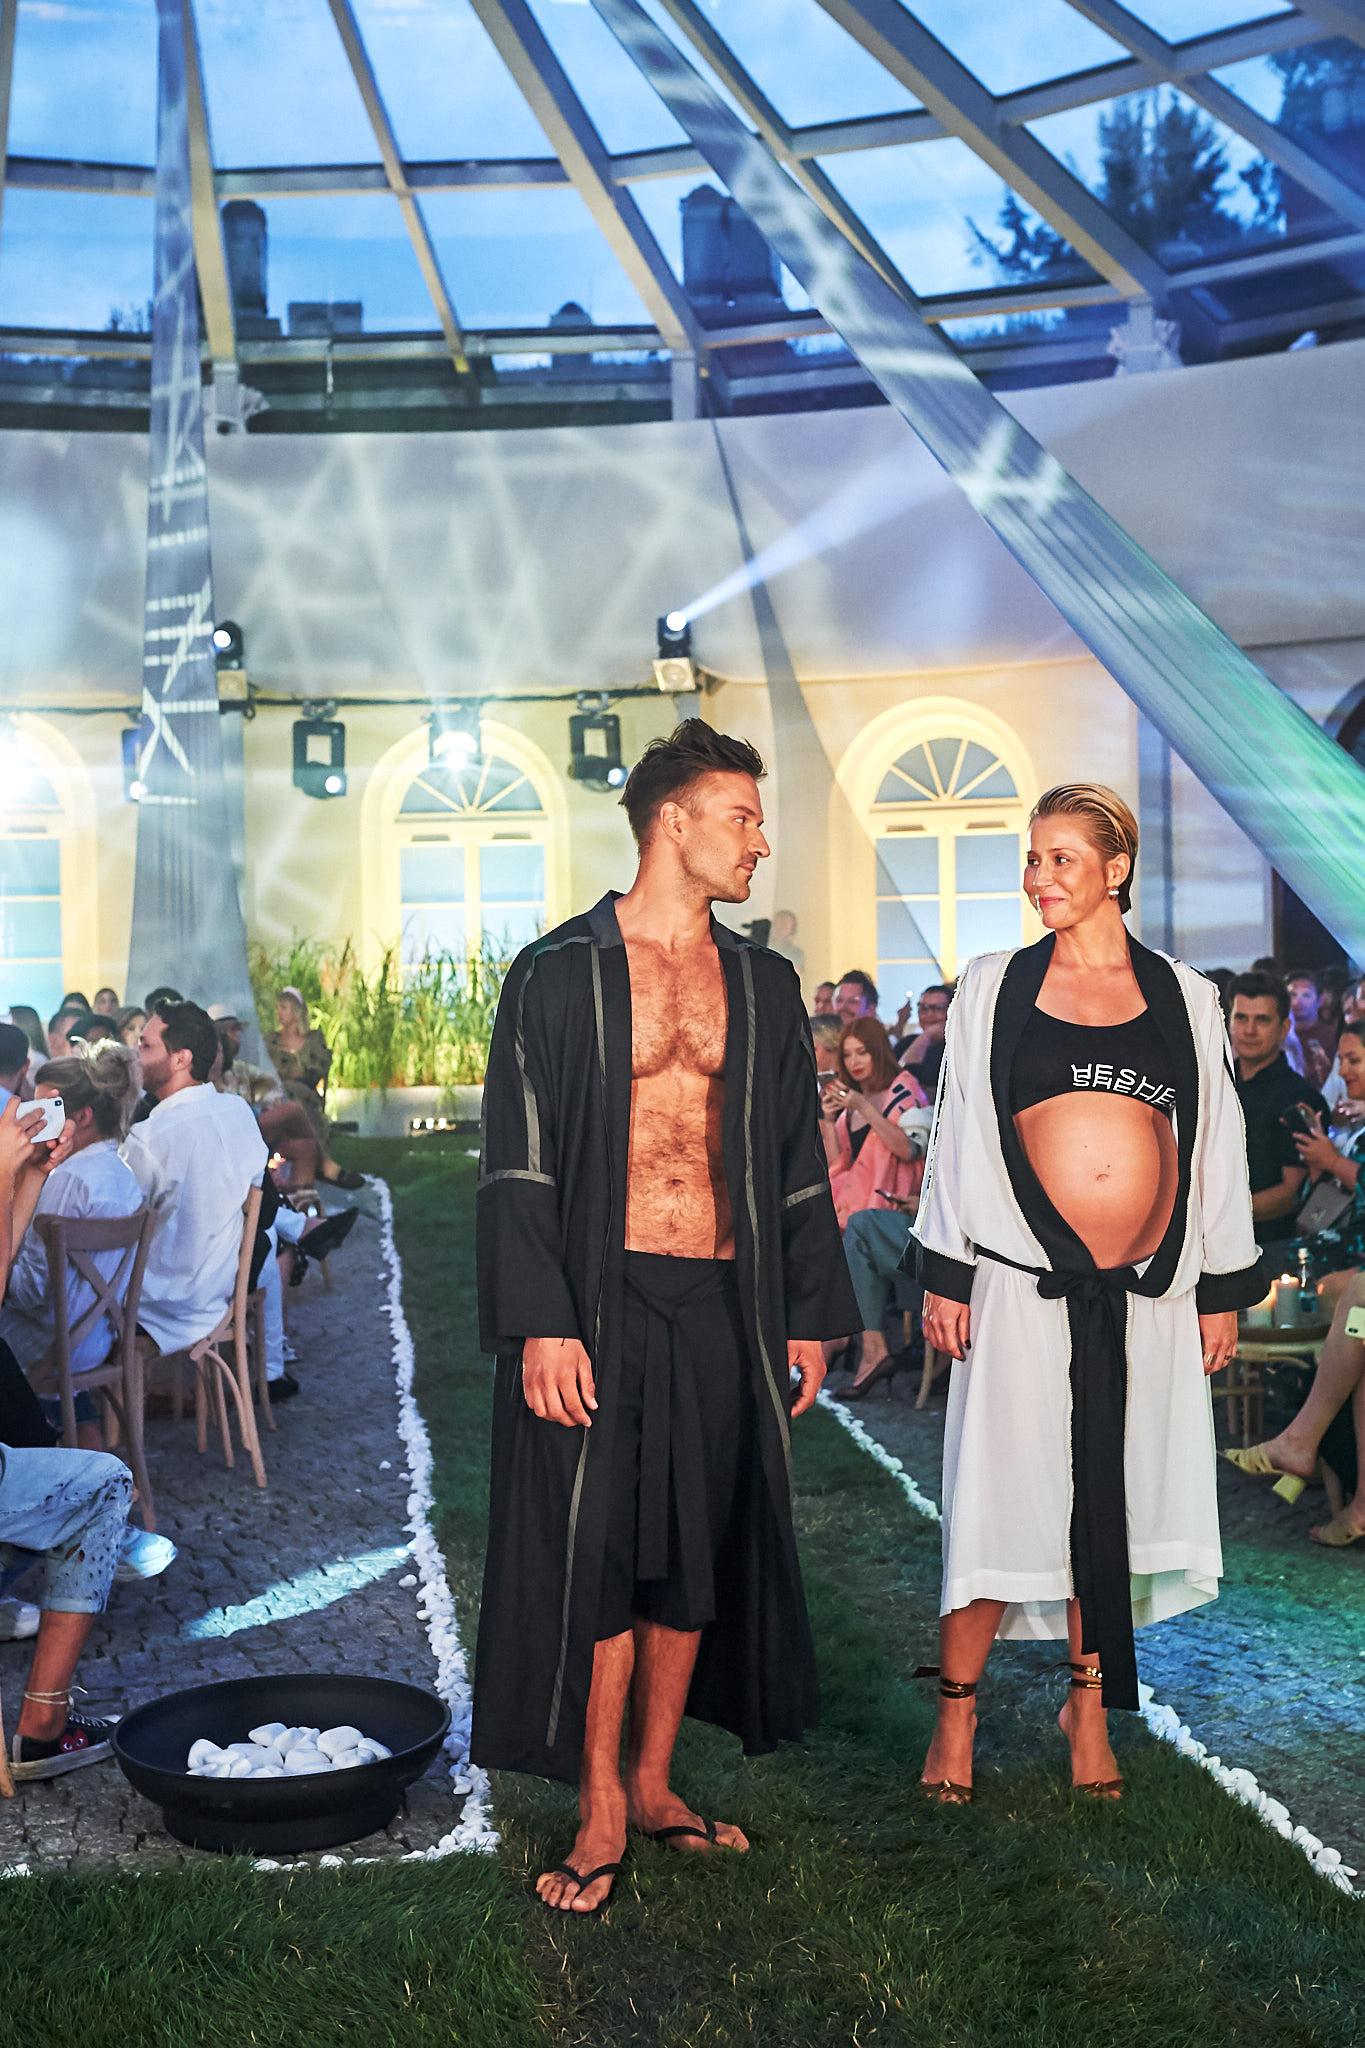 49_MMC-010719-lowres-fotFilipOkopny-FashionImages